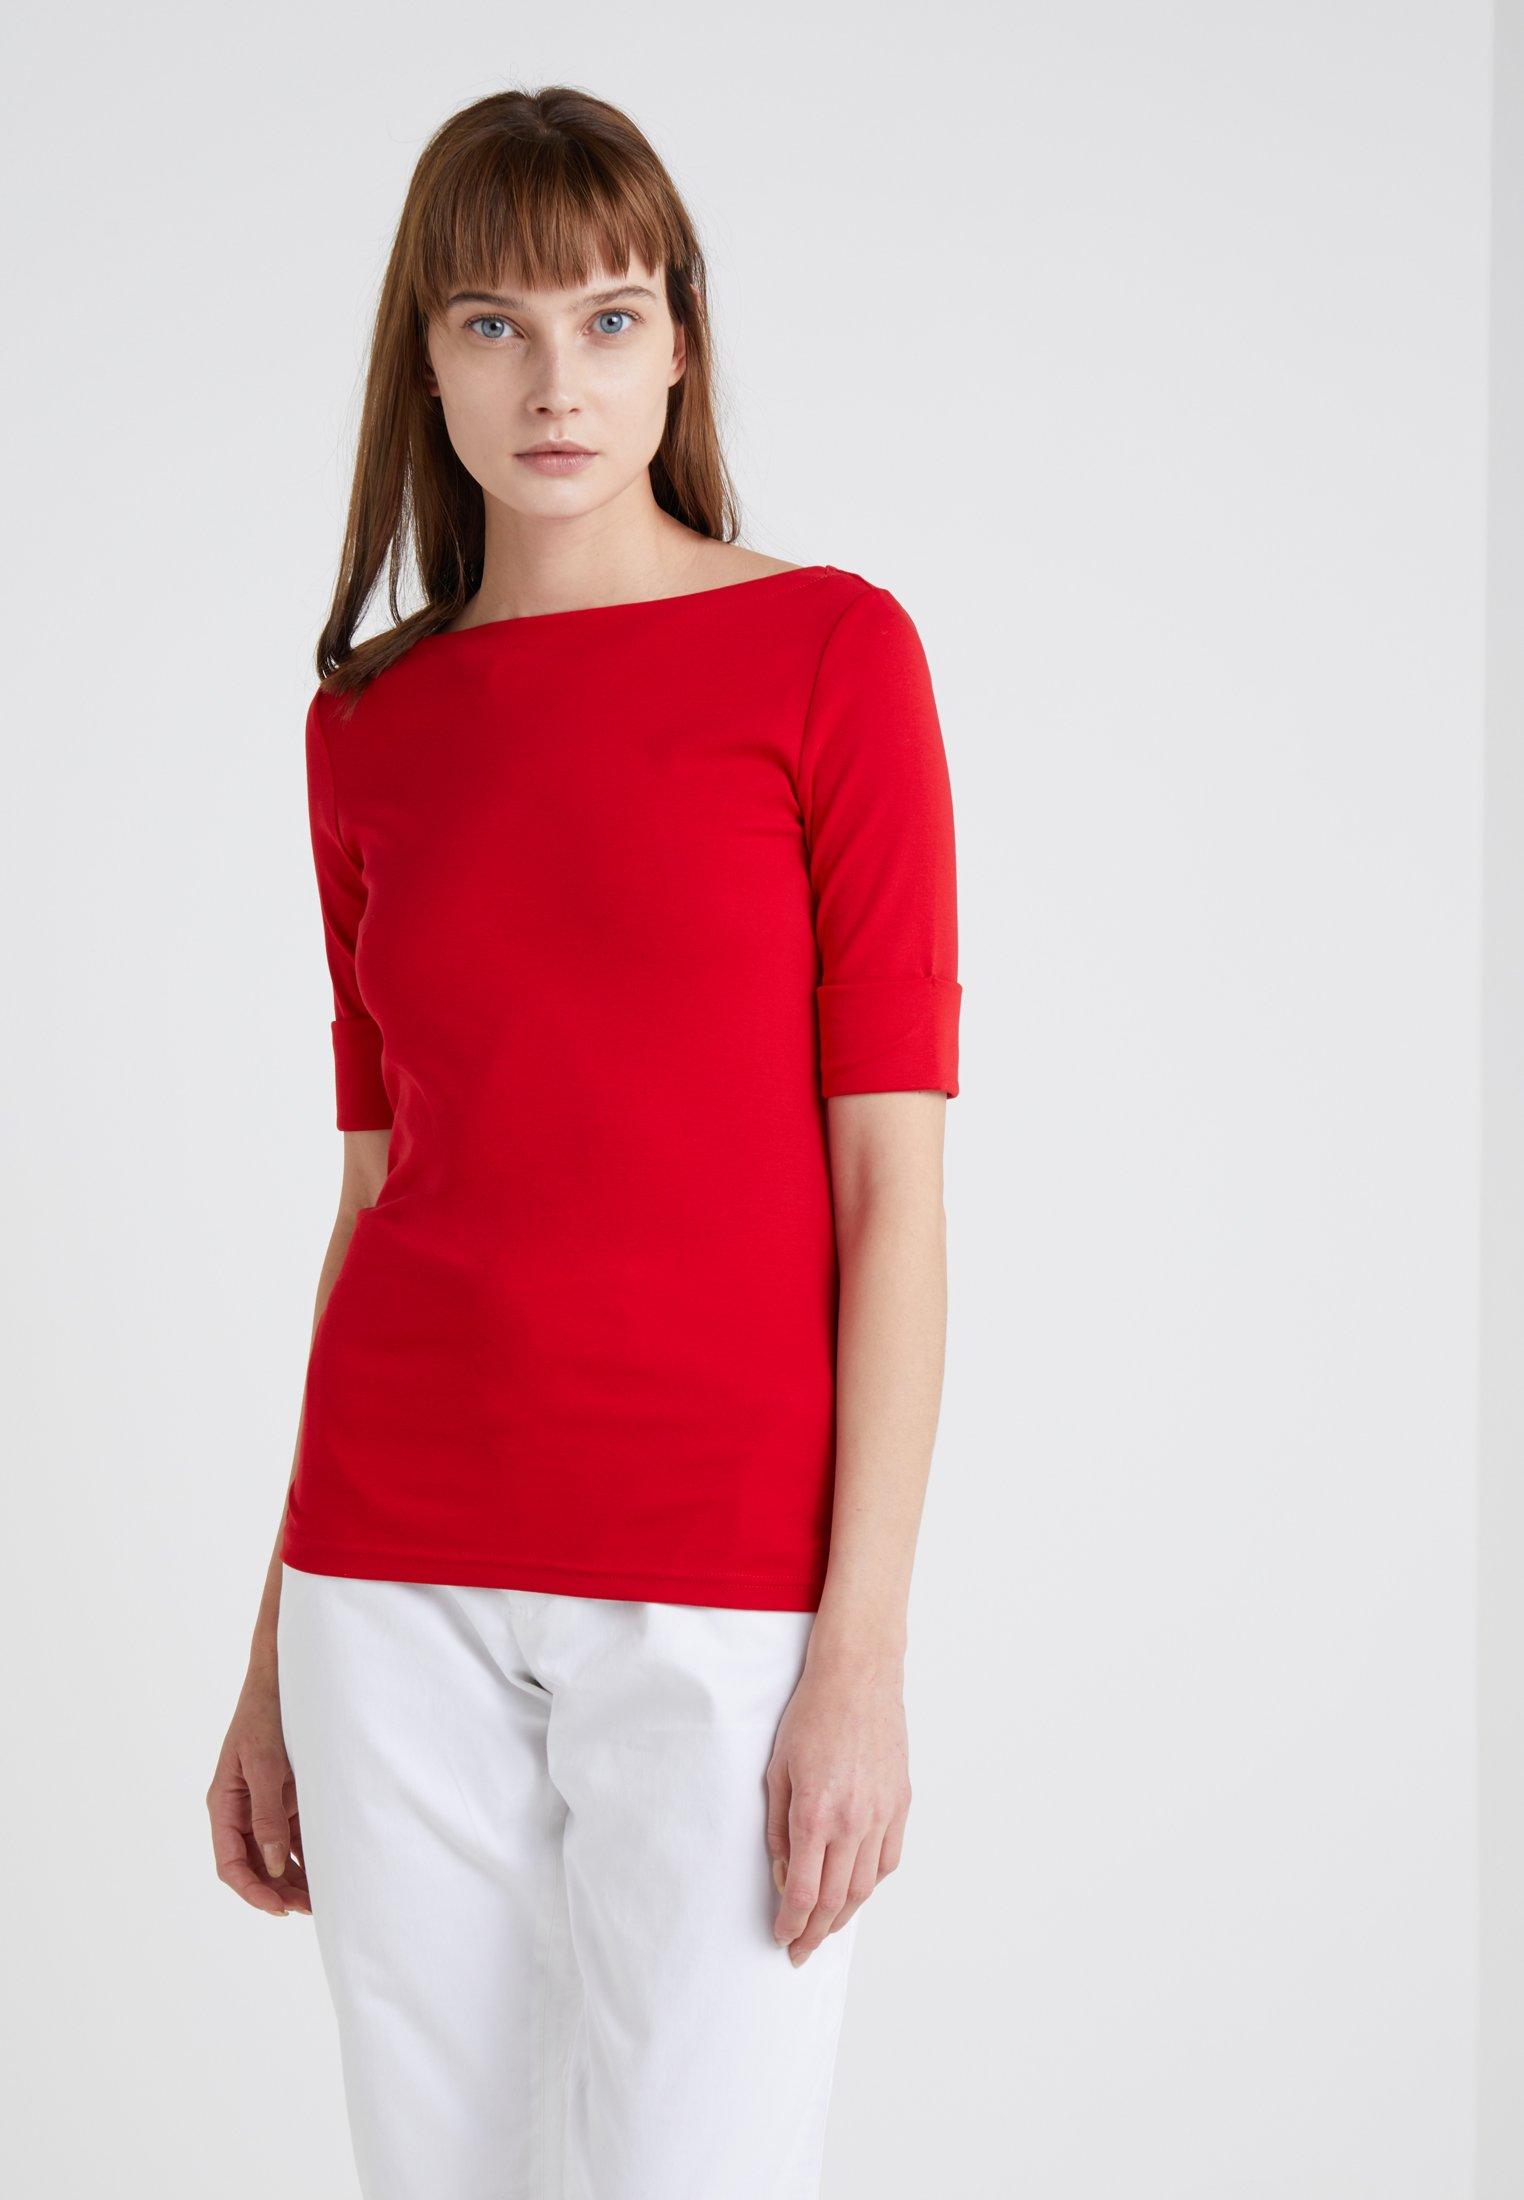 Lacquer SleeveT Judy Elbow shirt Red Basique Ralph Lauren 8XNPOn0wk